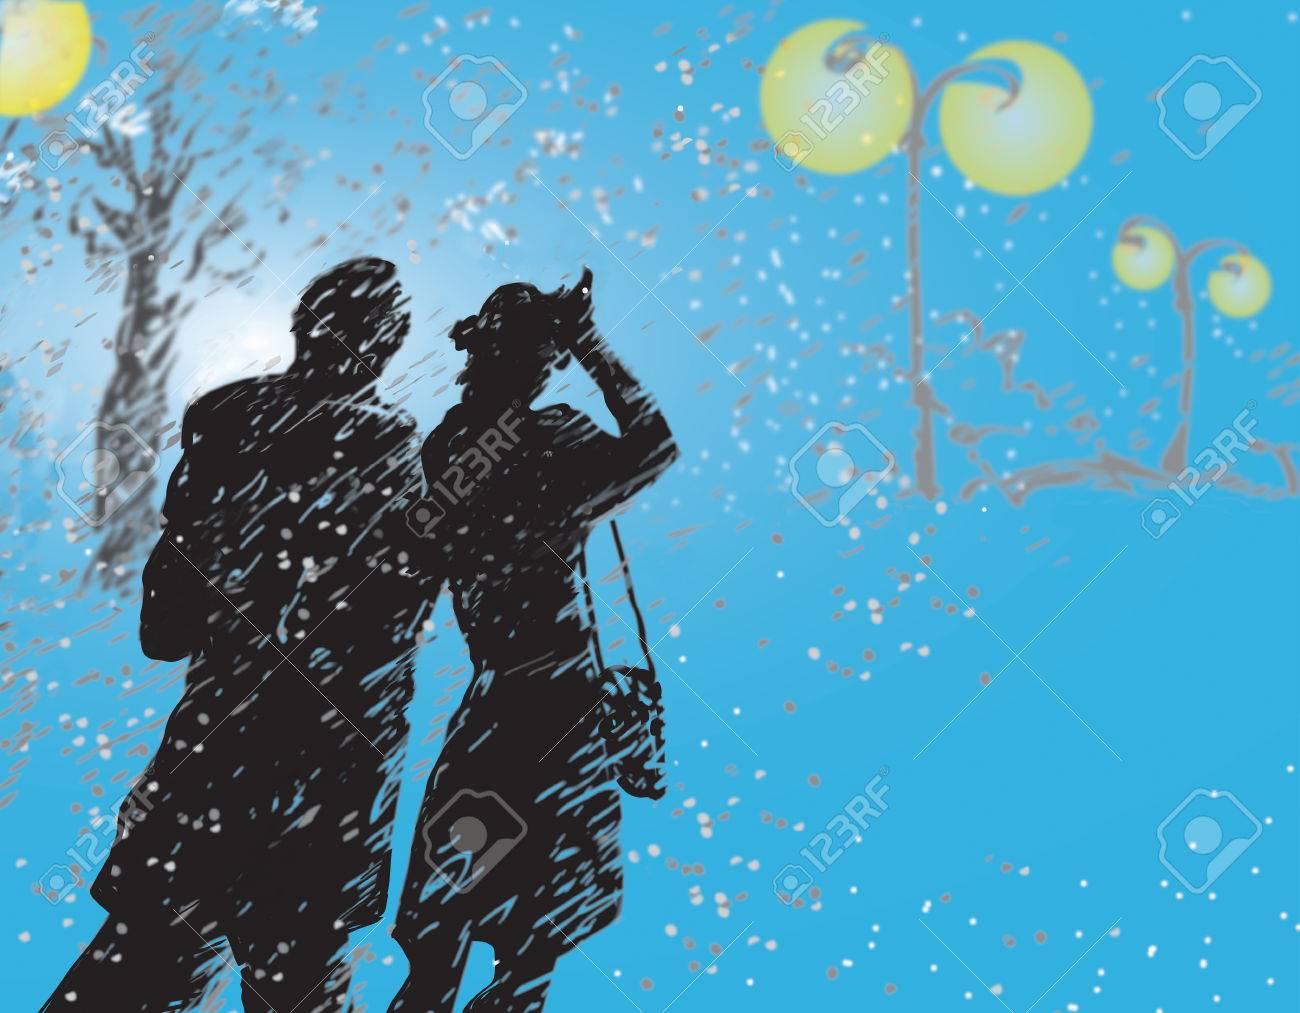 Ilustración De Una Pareja Caminando Por La Tormenta De Nieve En Un ...